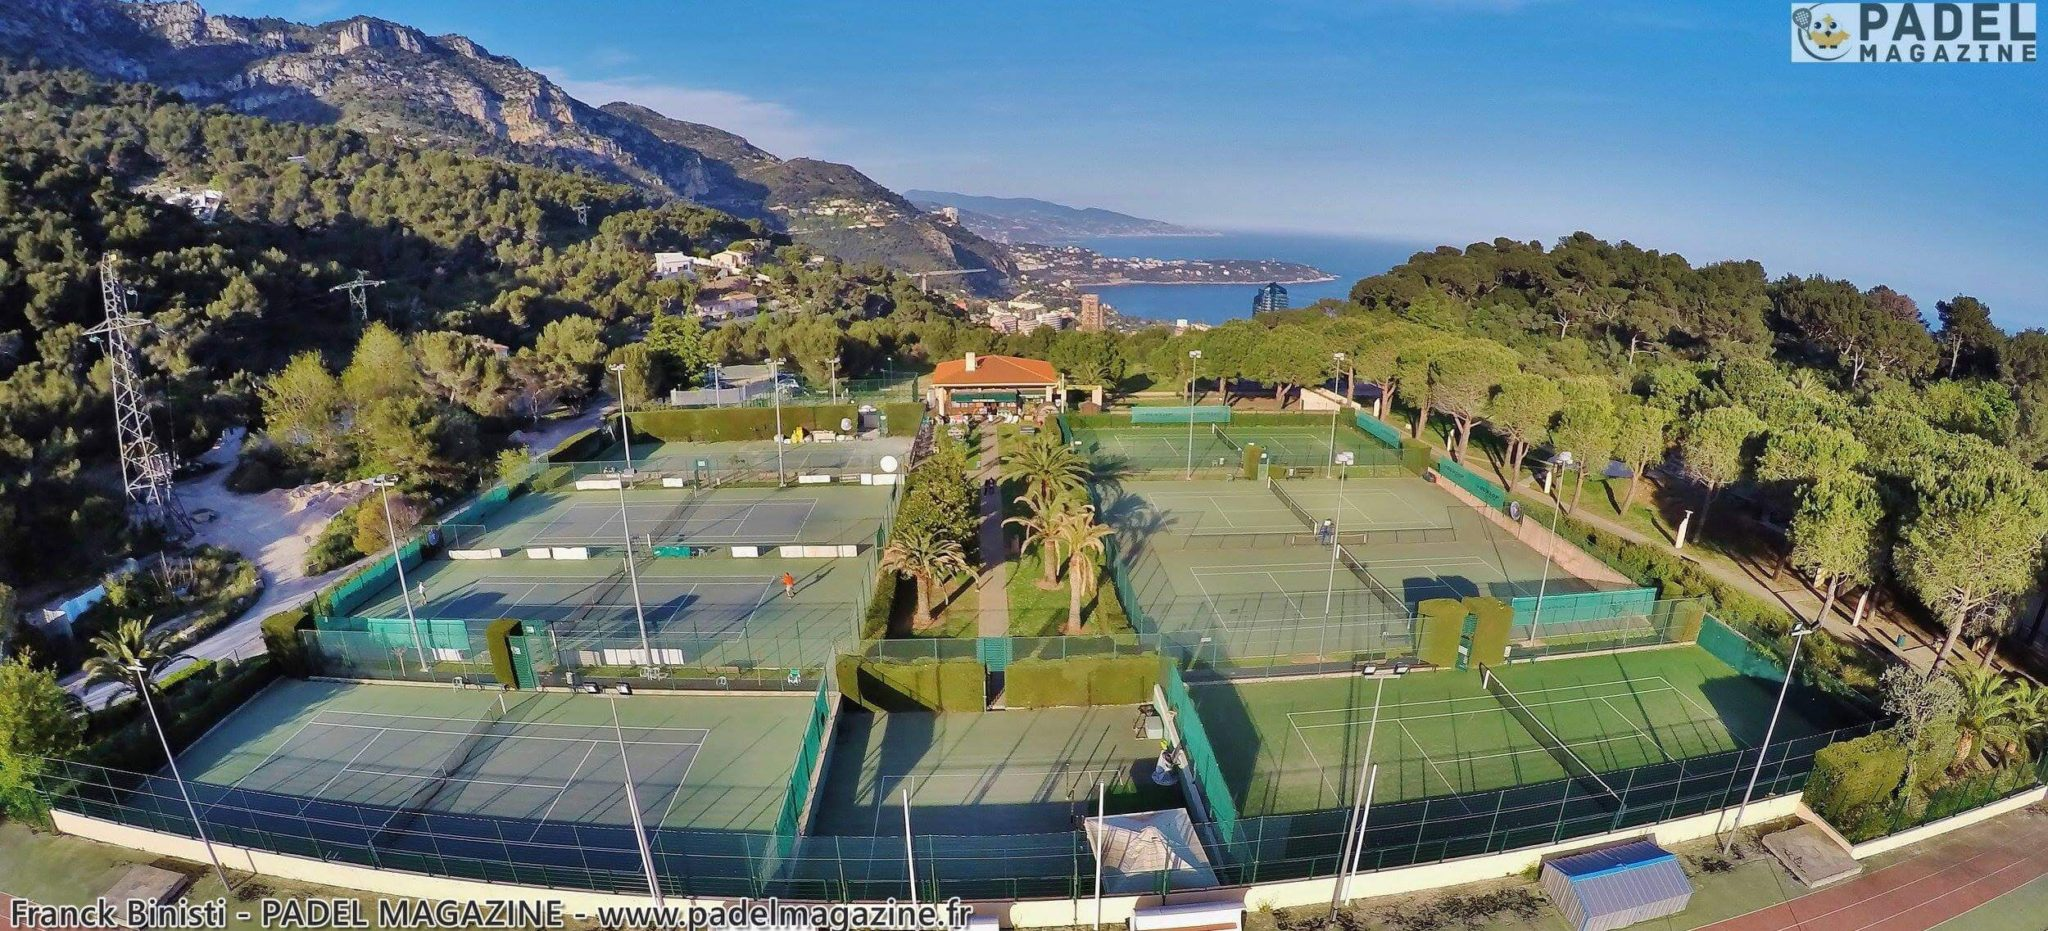 テニスの発足で重い Padel サン